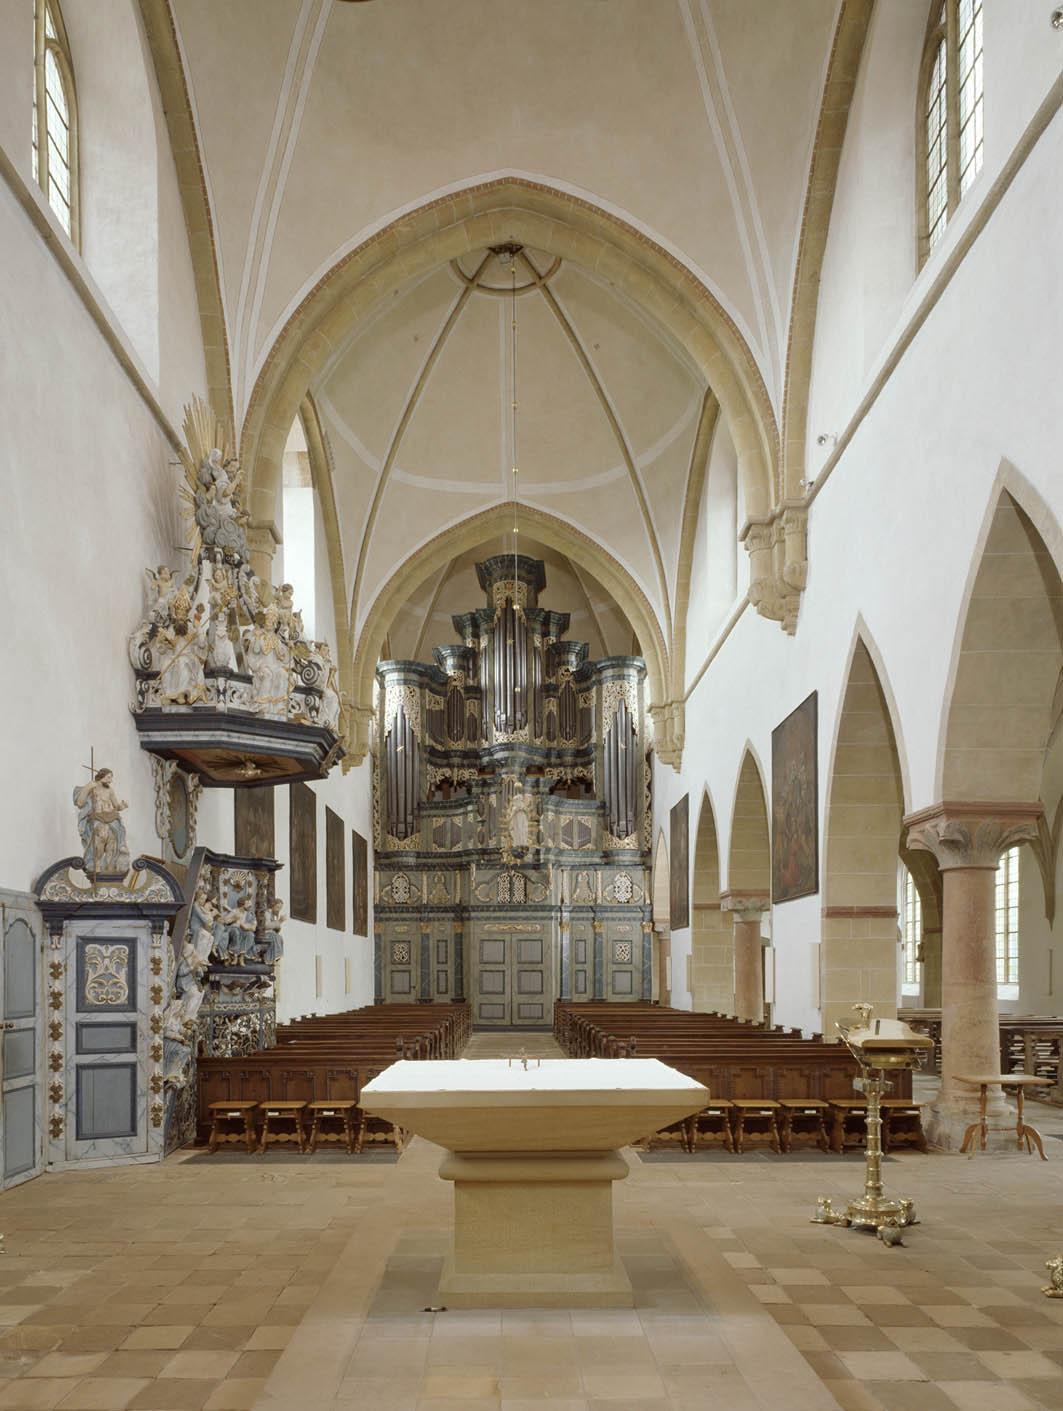 Ehemaliges Kloster Marienfeld: Innenansicht